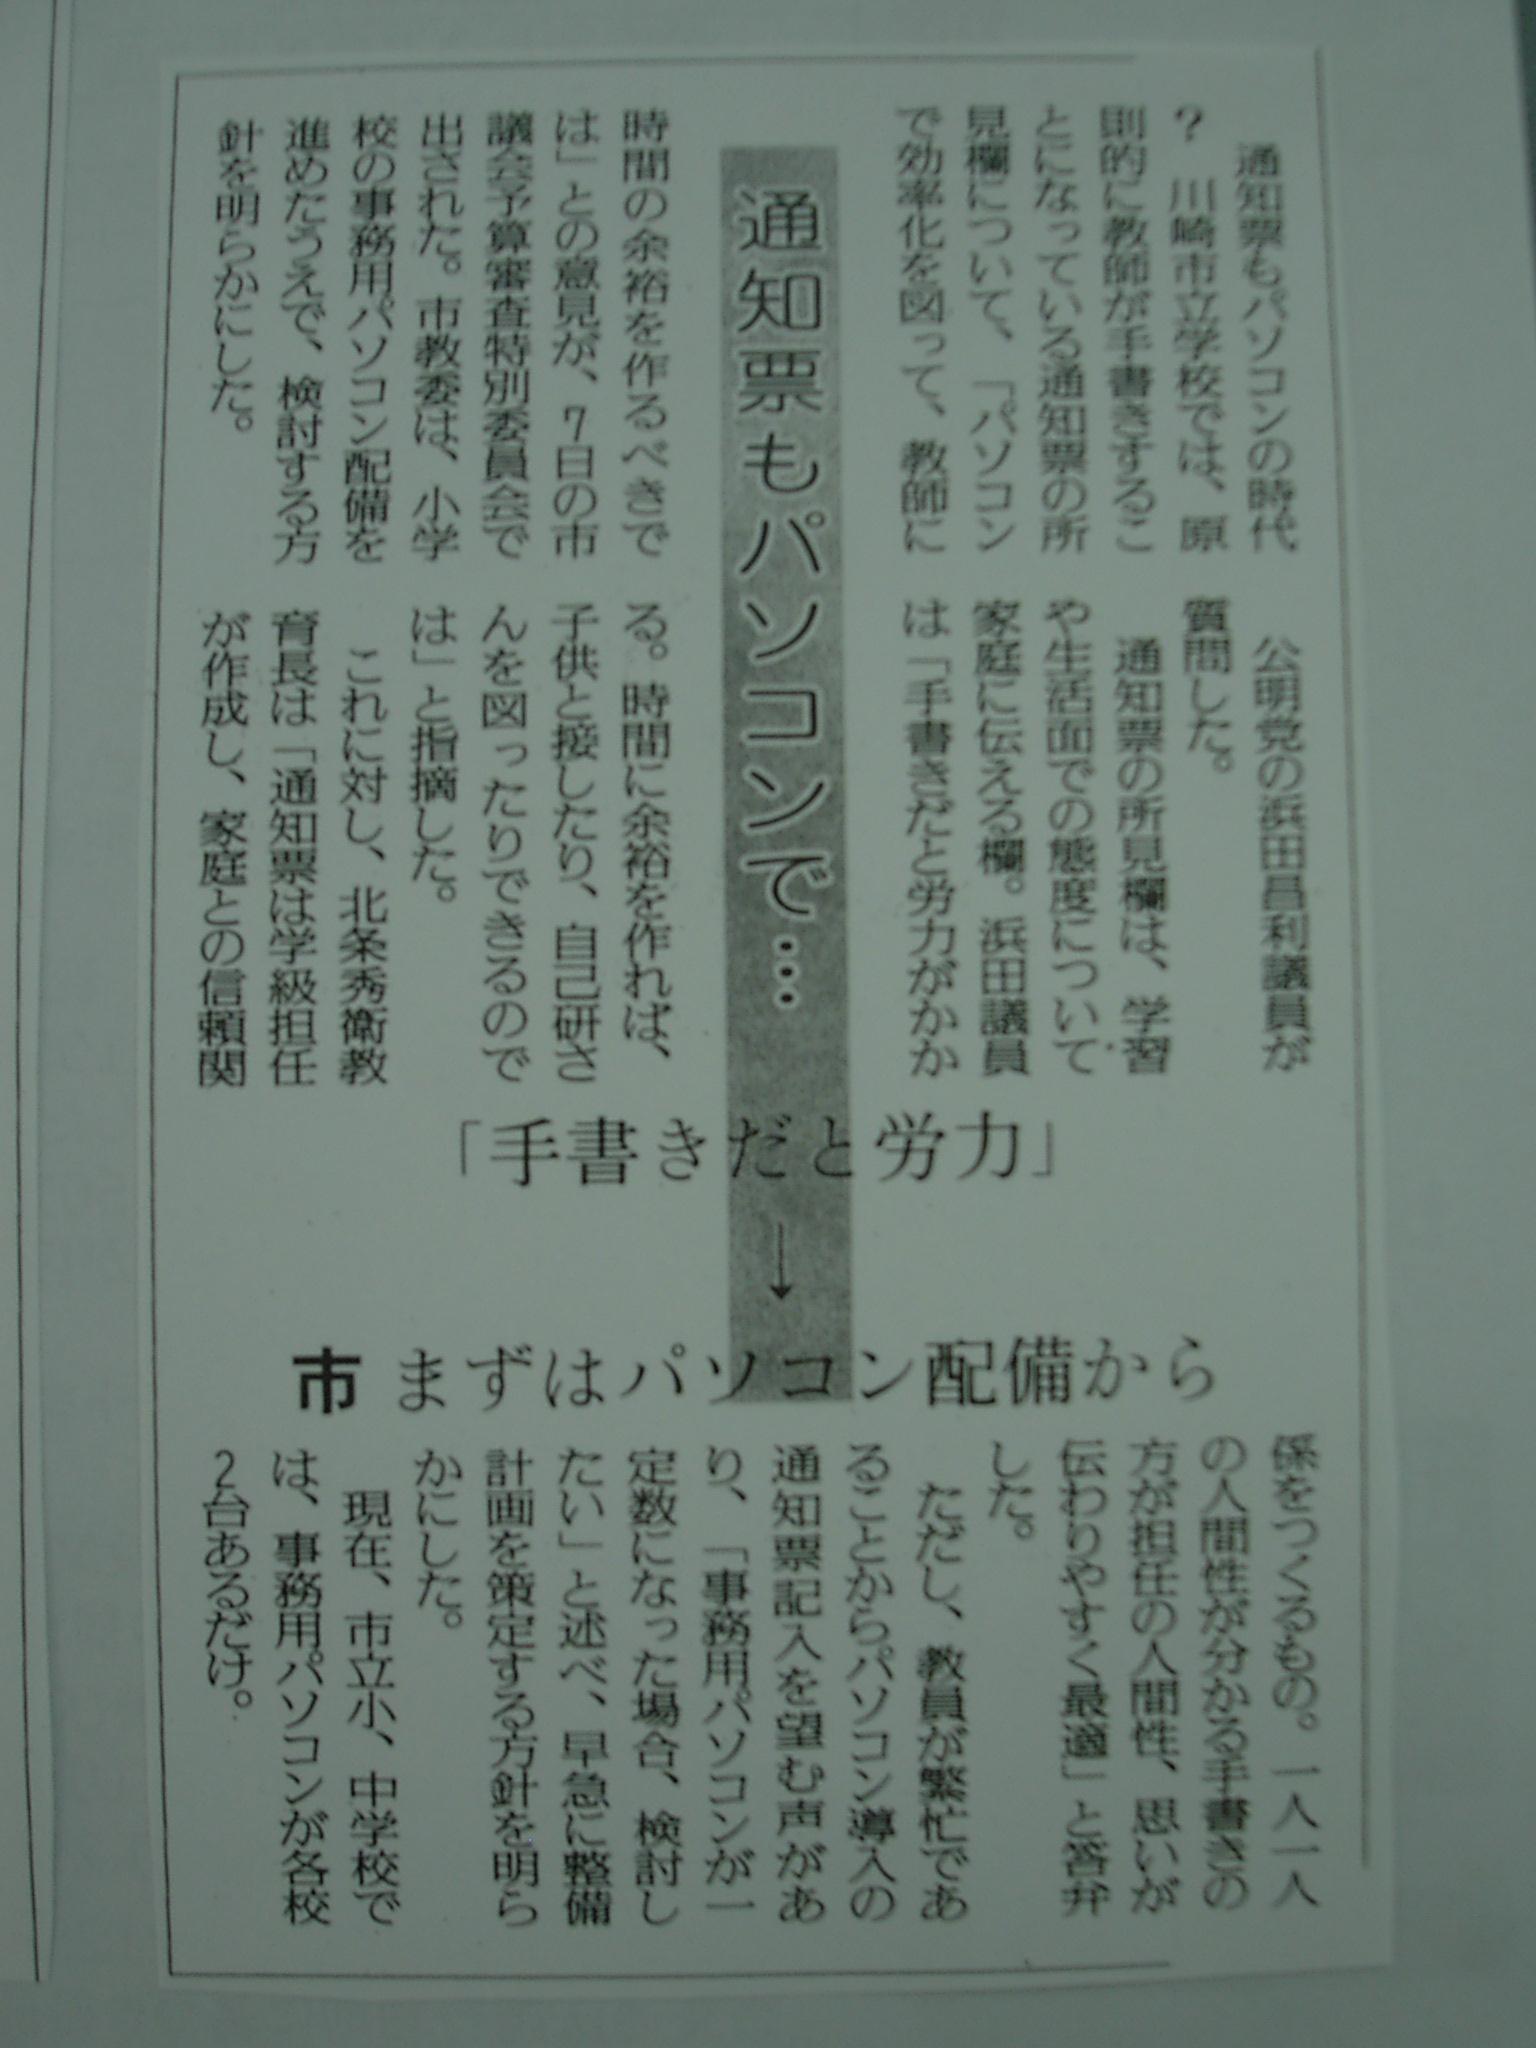 KIF_0741.JPG